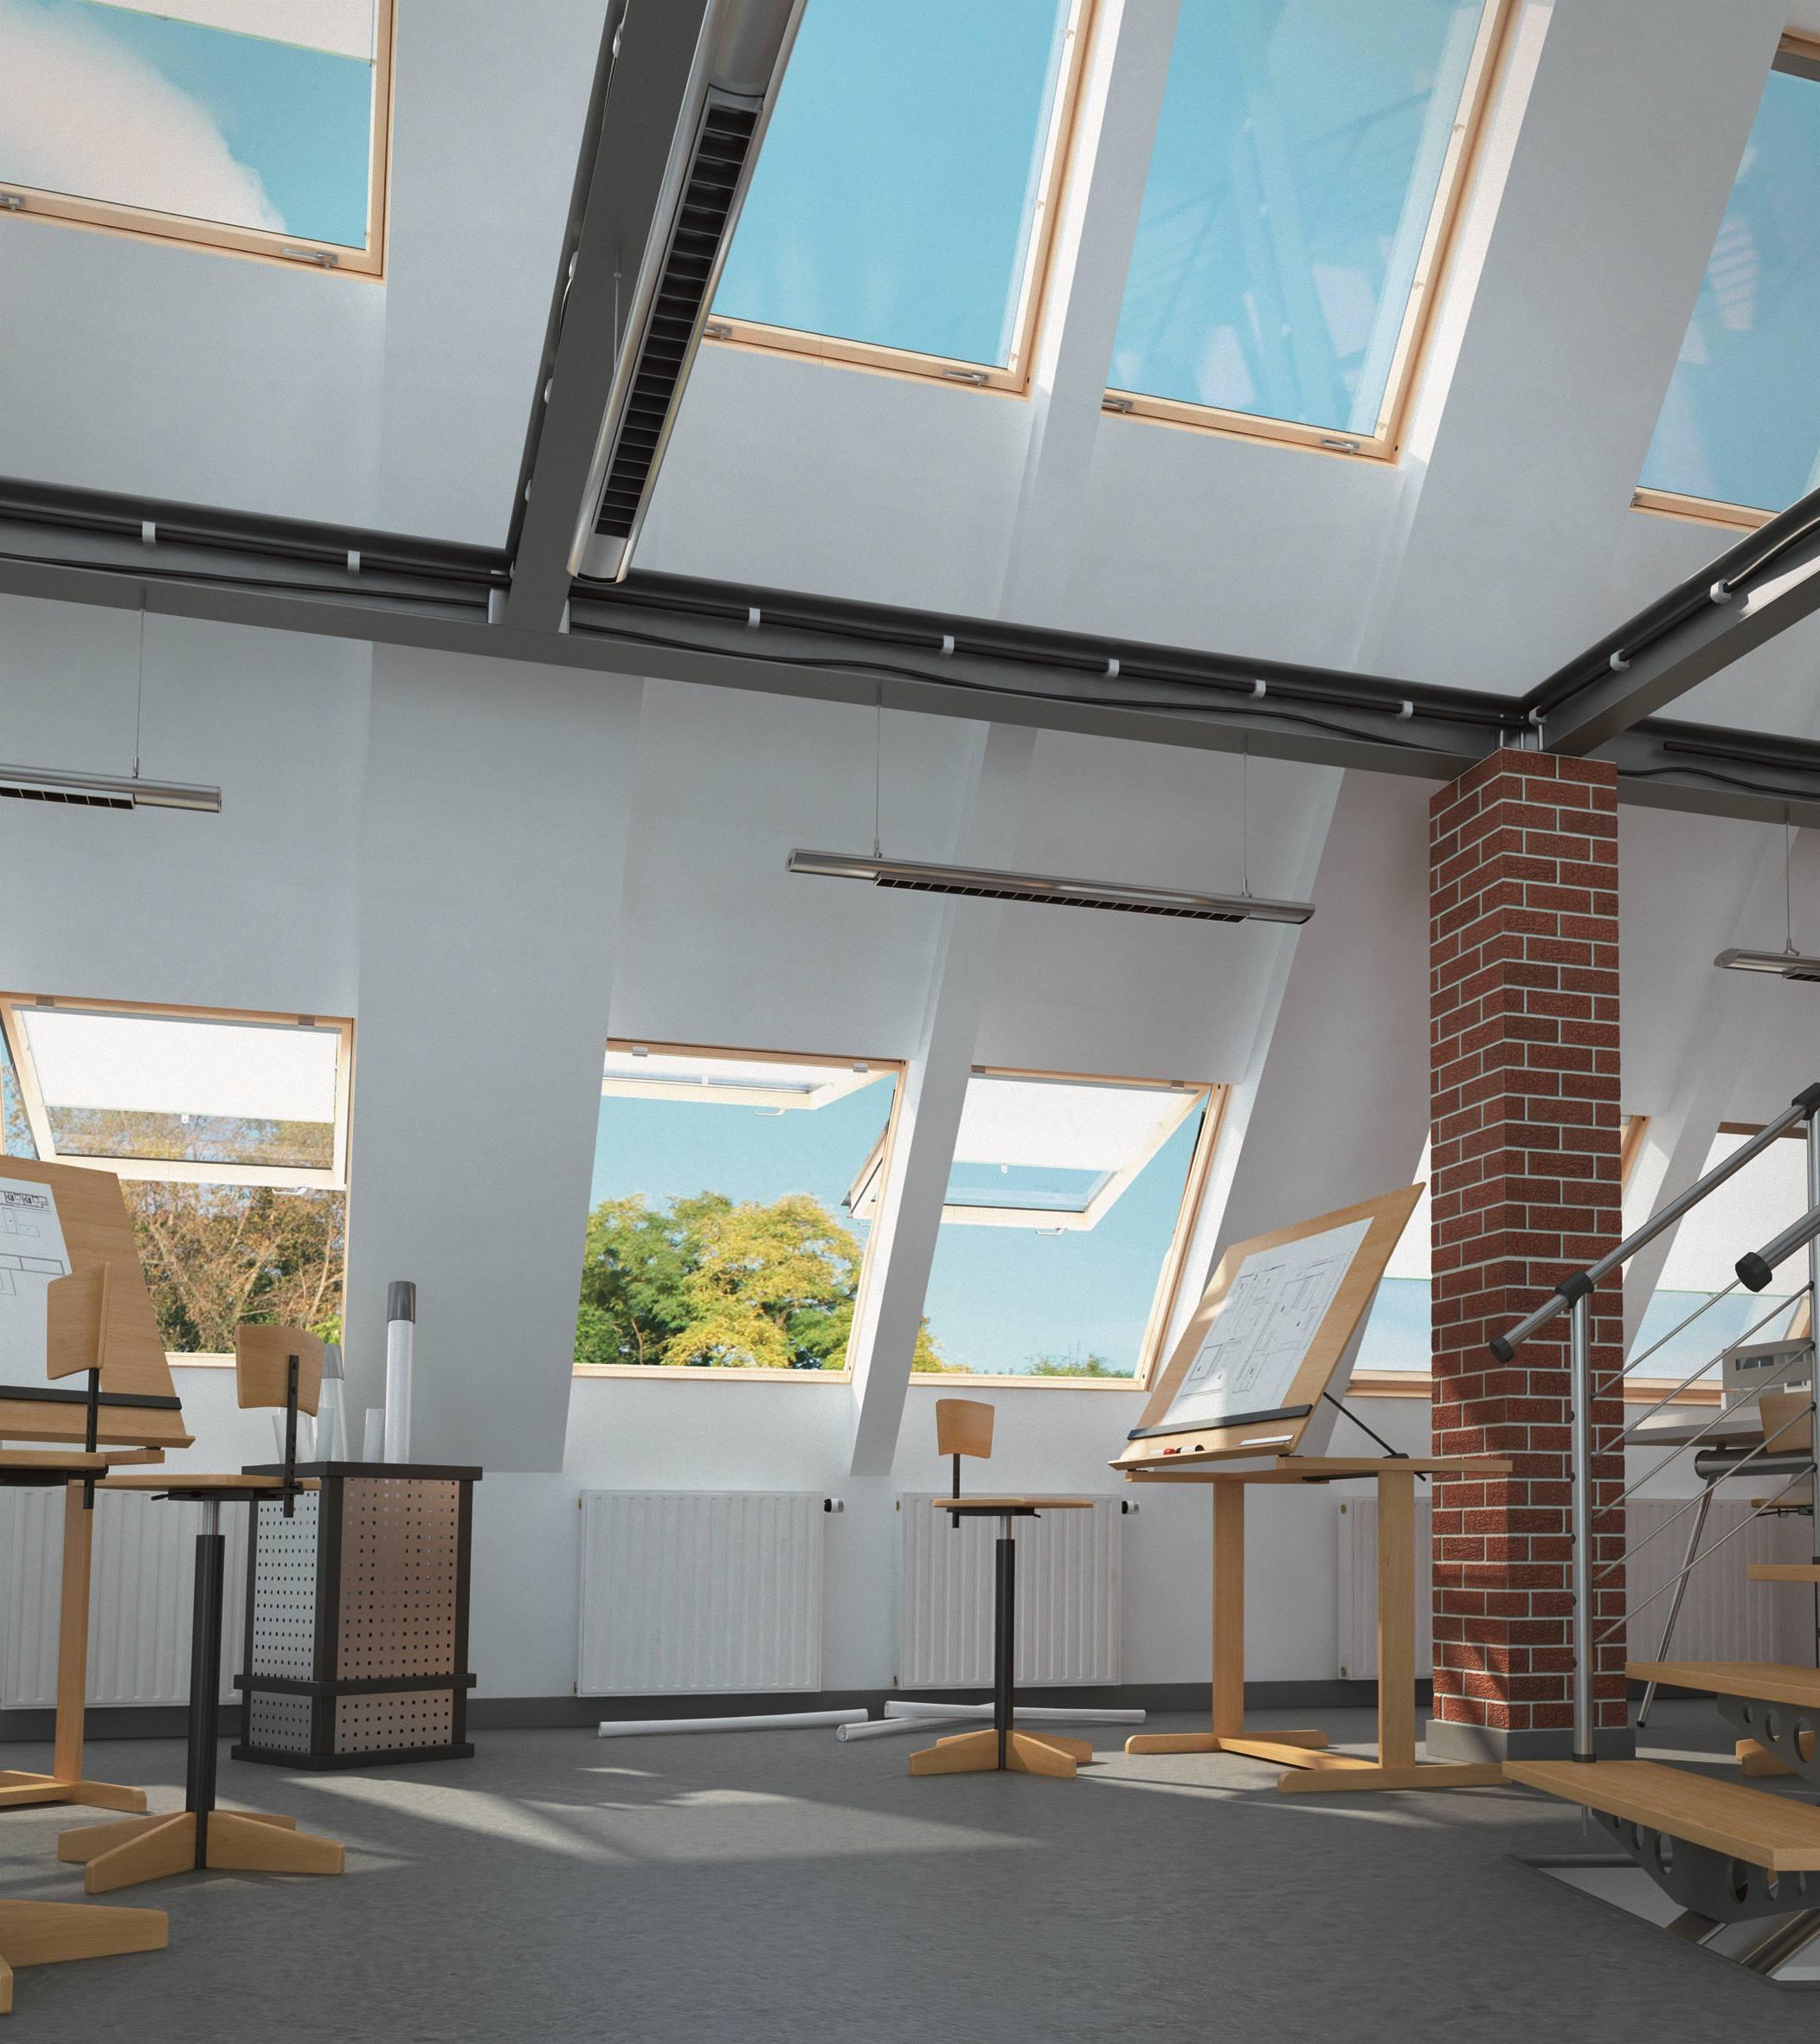 Panoramica con doppia apertura nuova grande finestra da for Nuova apertura grande arredo bari